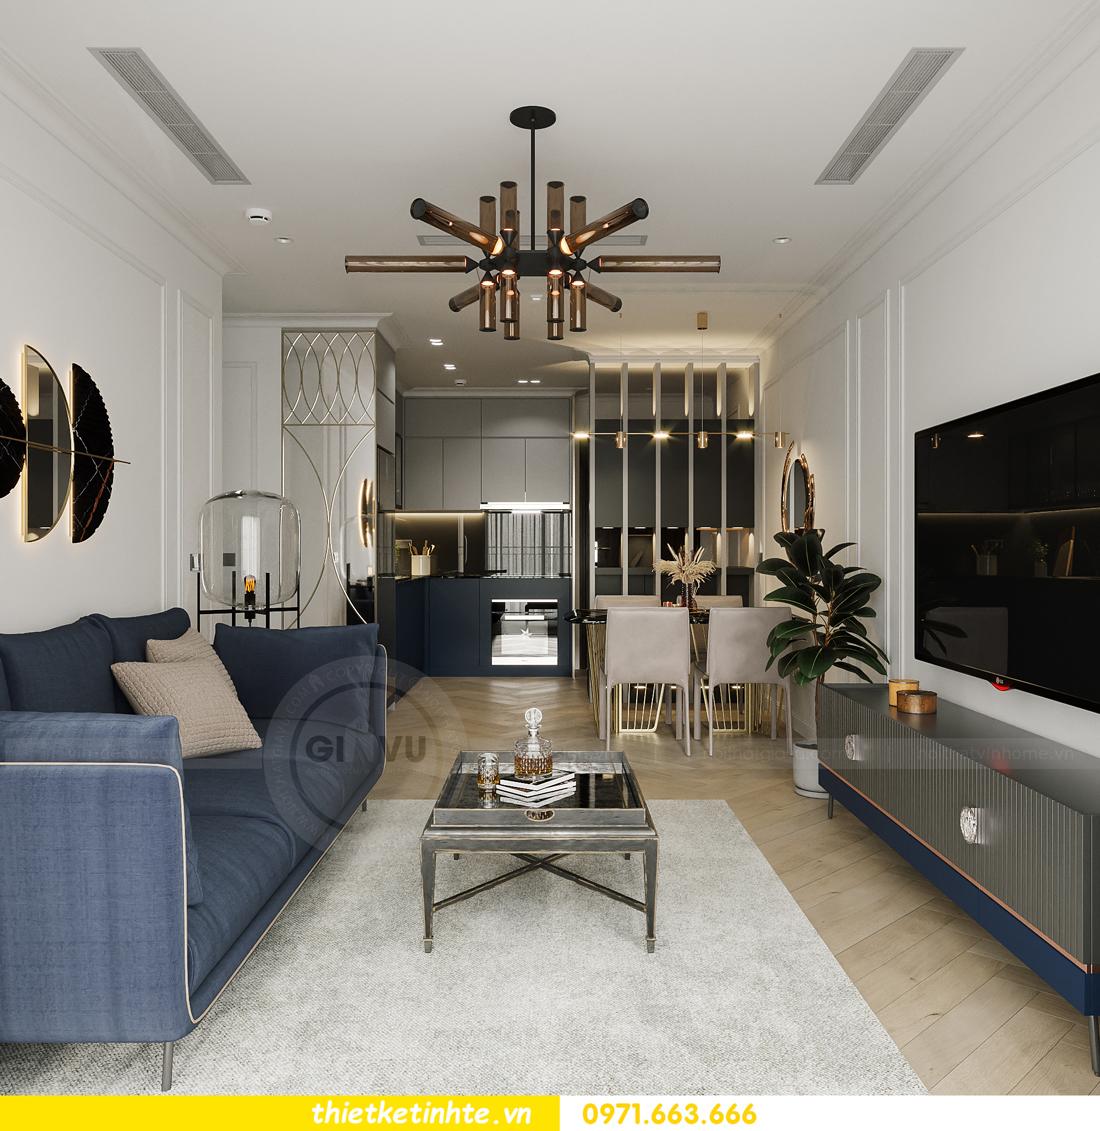 thiết kế nội thất chung cư Smart City tòa S102 căn 17 chị Hà 6